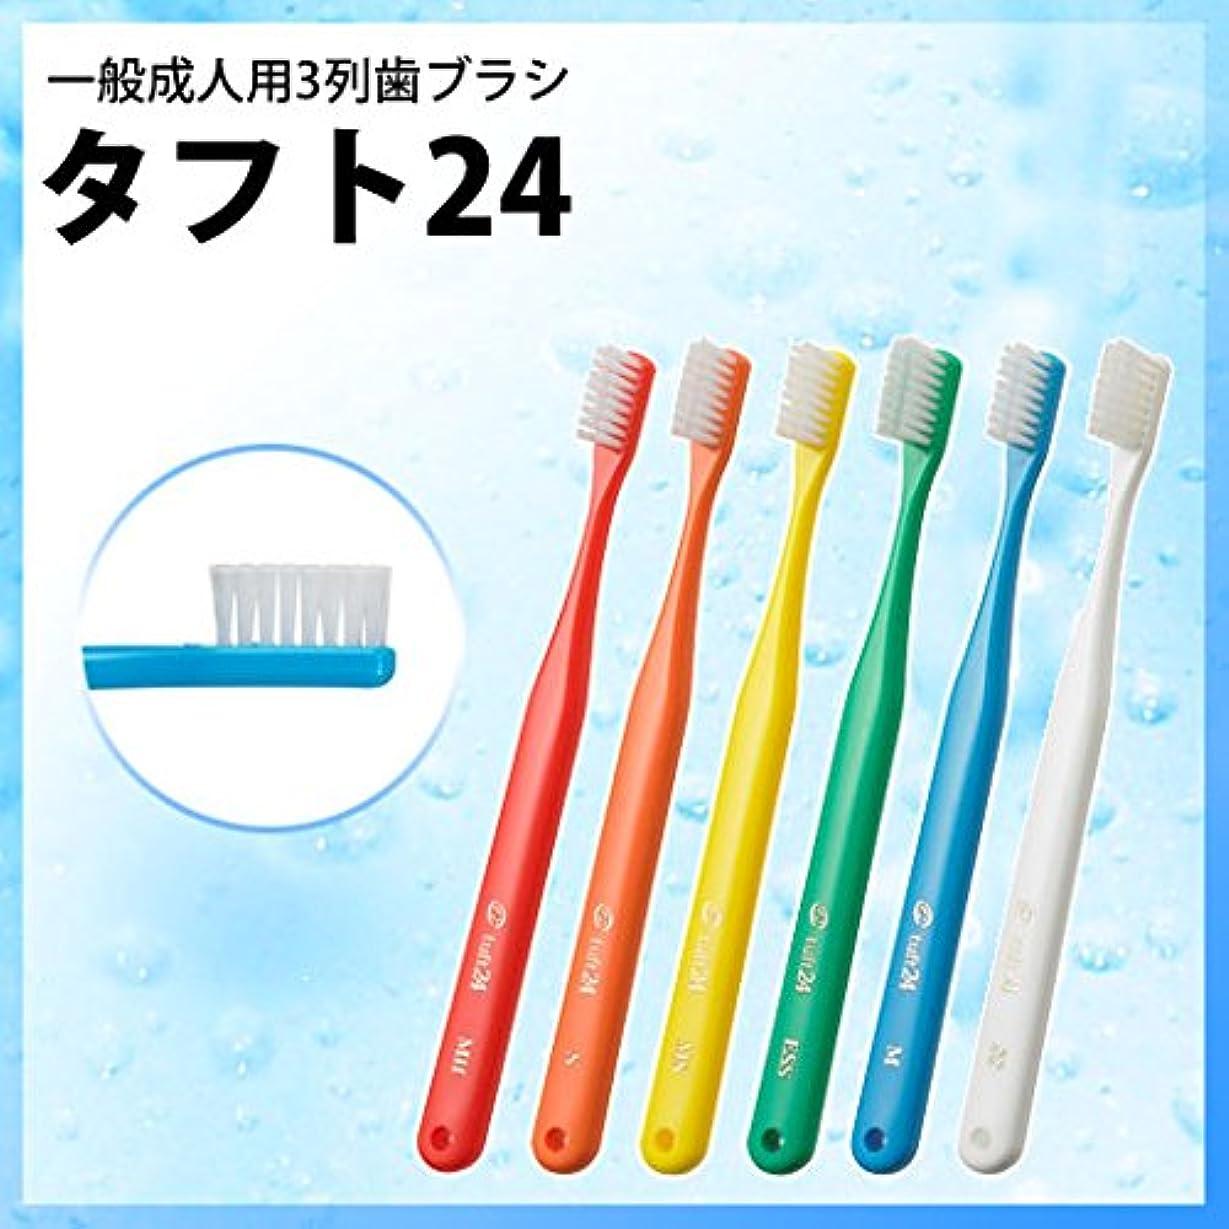 スキャンダルレーニン主義市民タフト24 歯ブラシ 5本セット SS キャップなし (レッド)